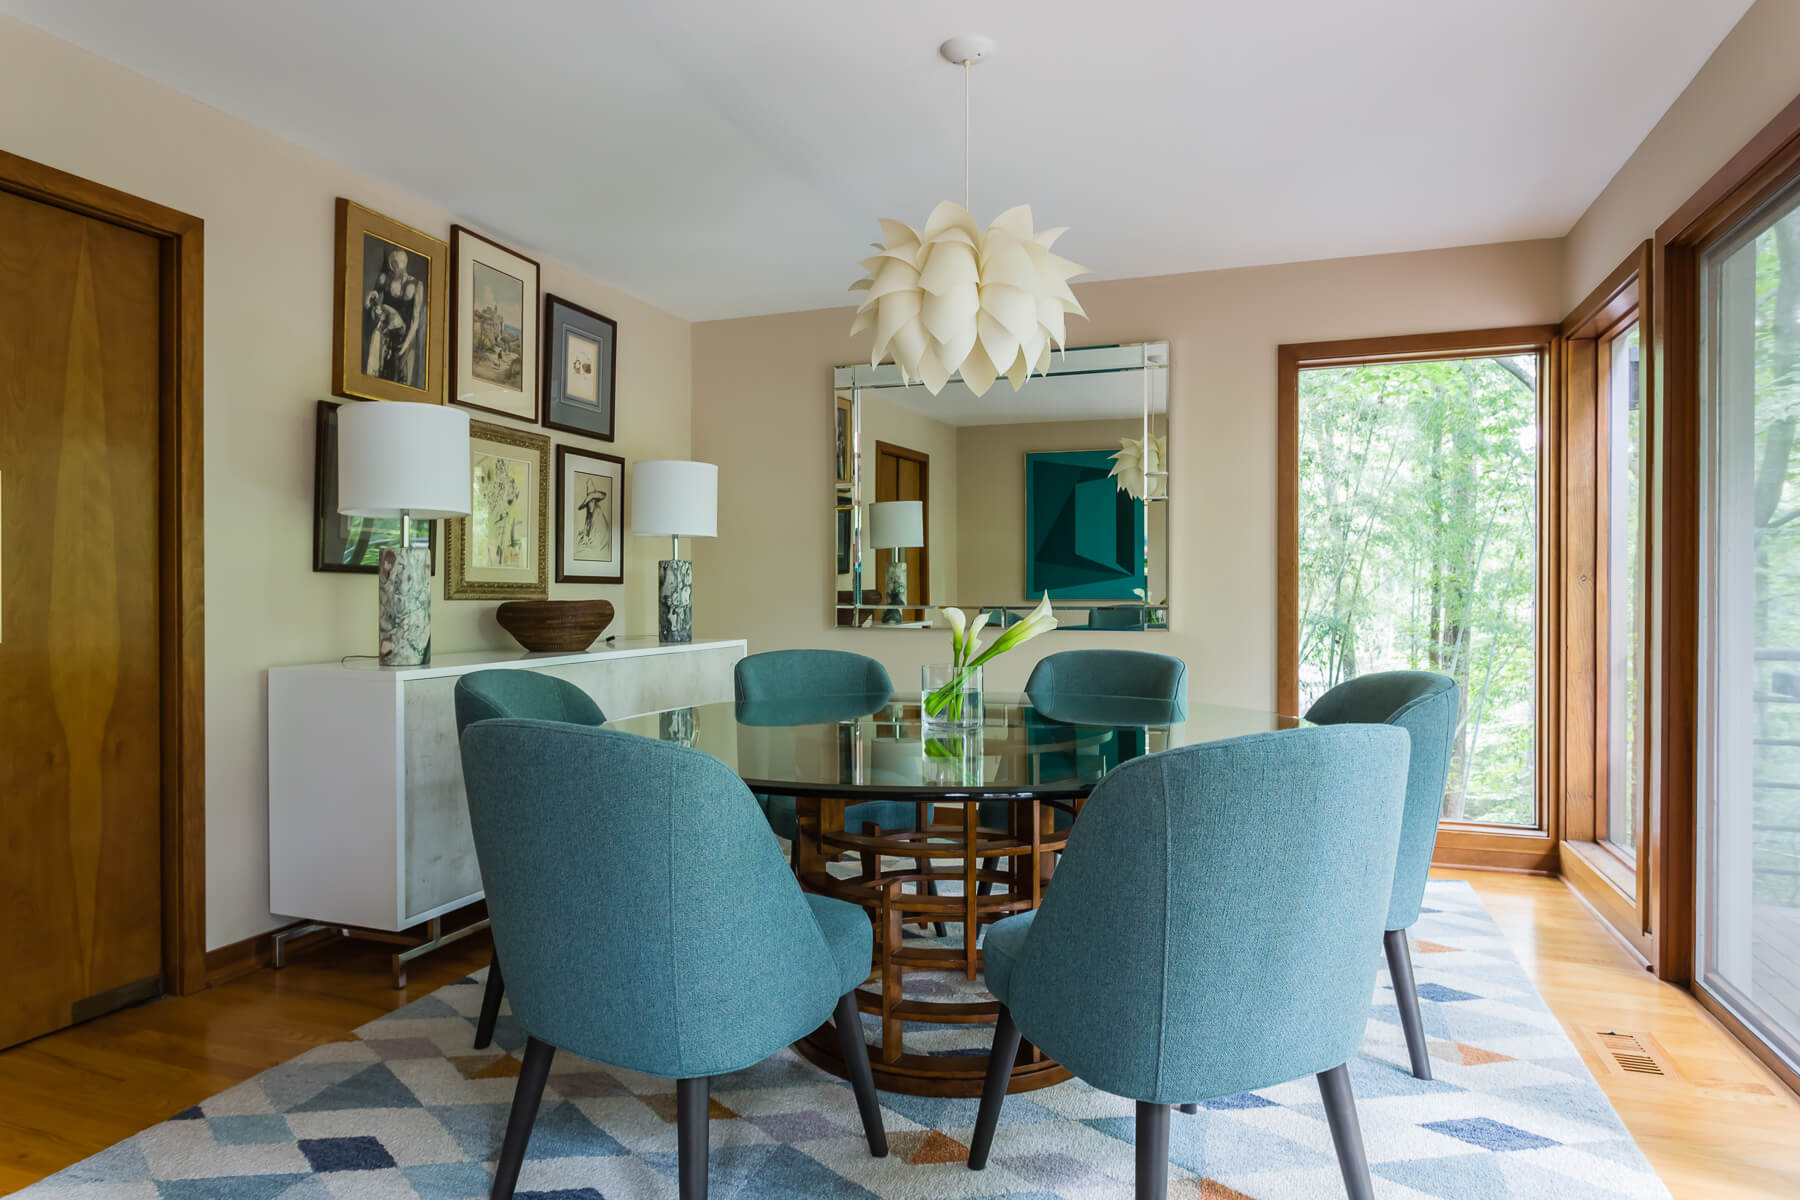 Chapel Hill Dining Room Modern Interior Design